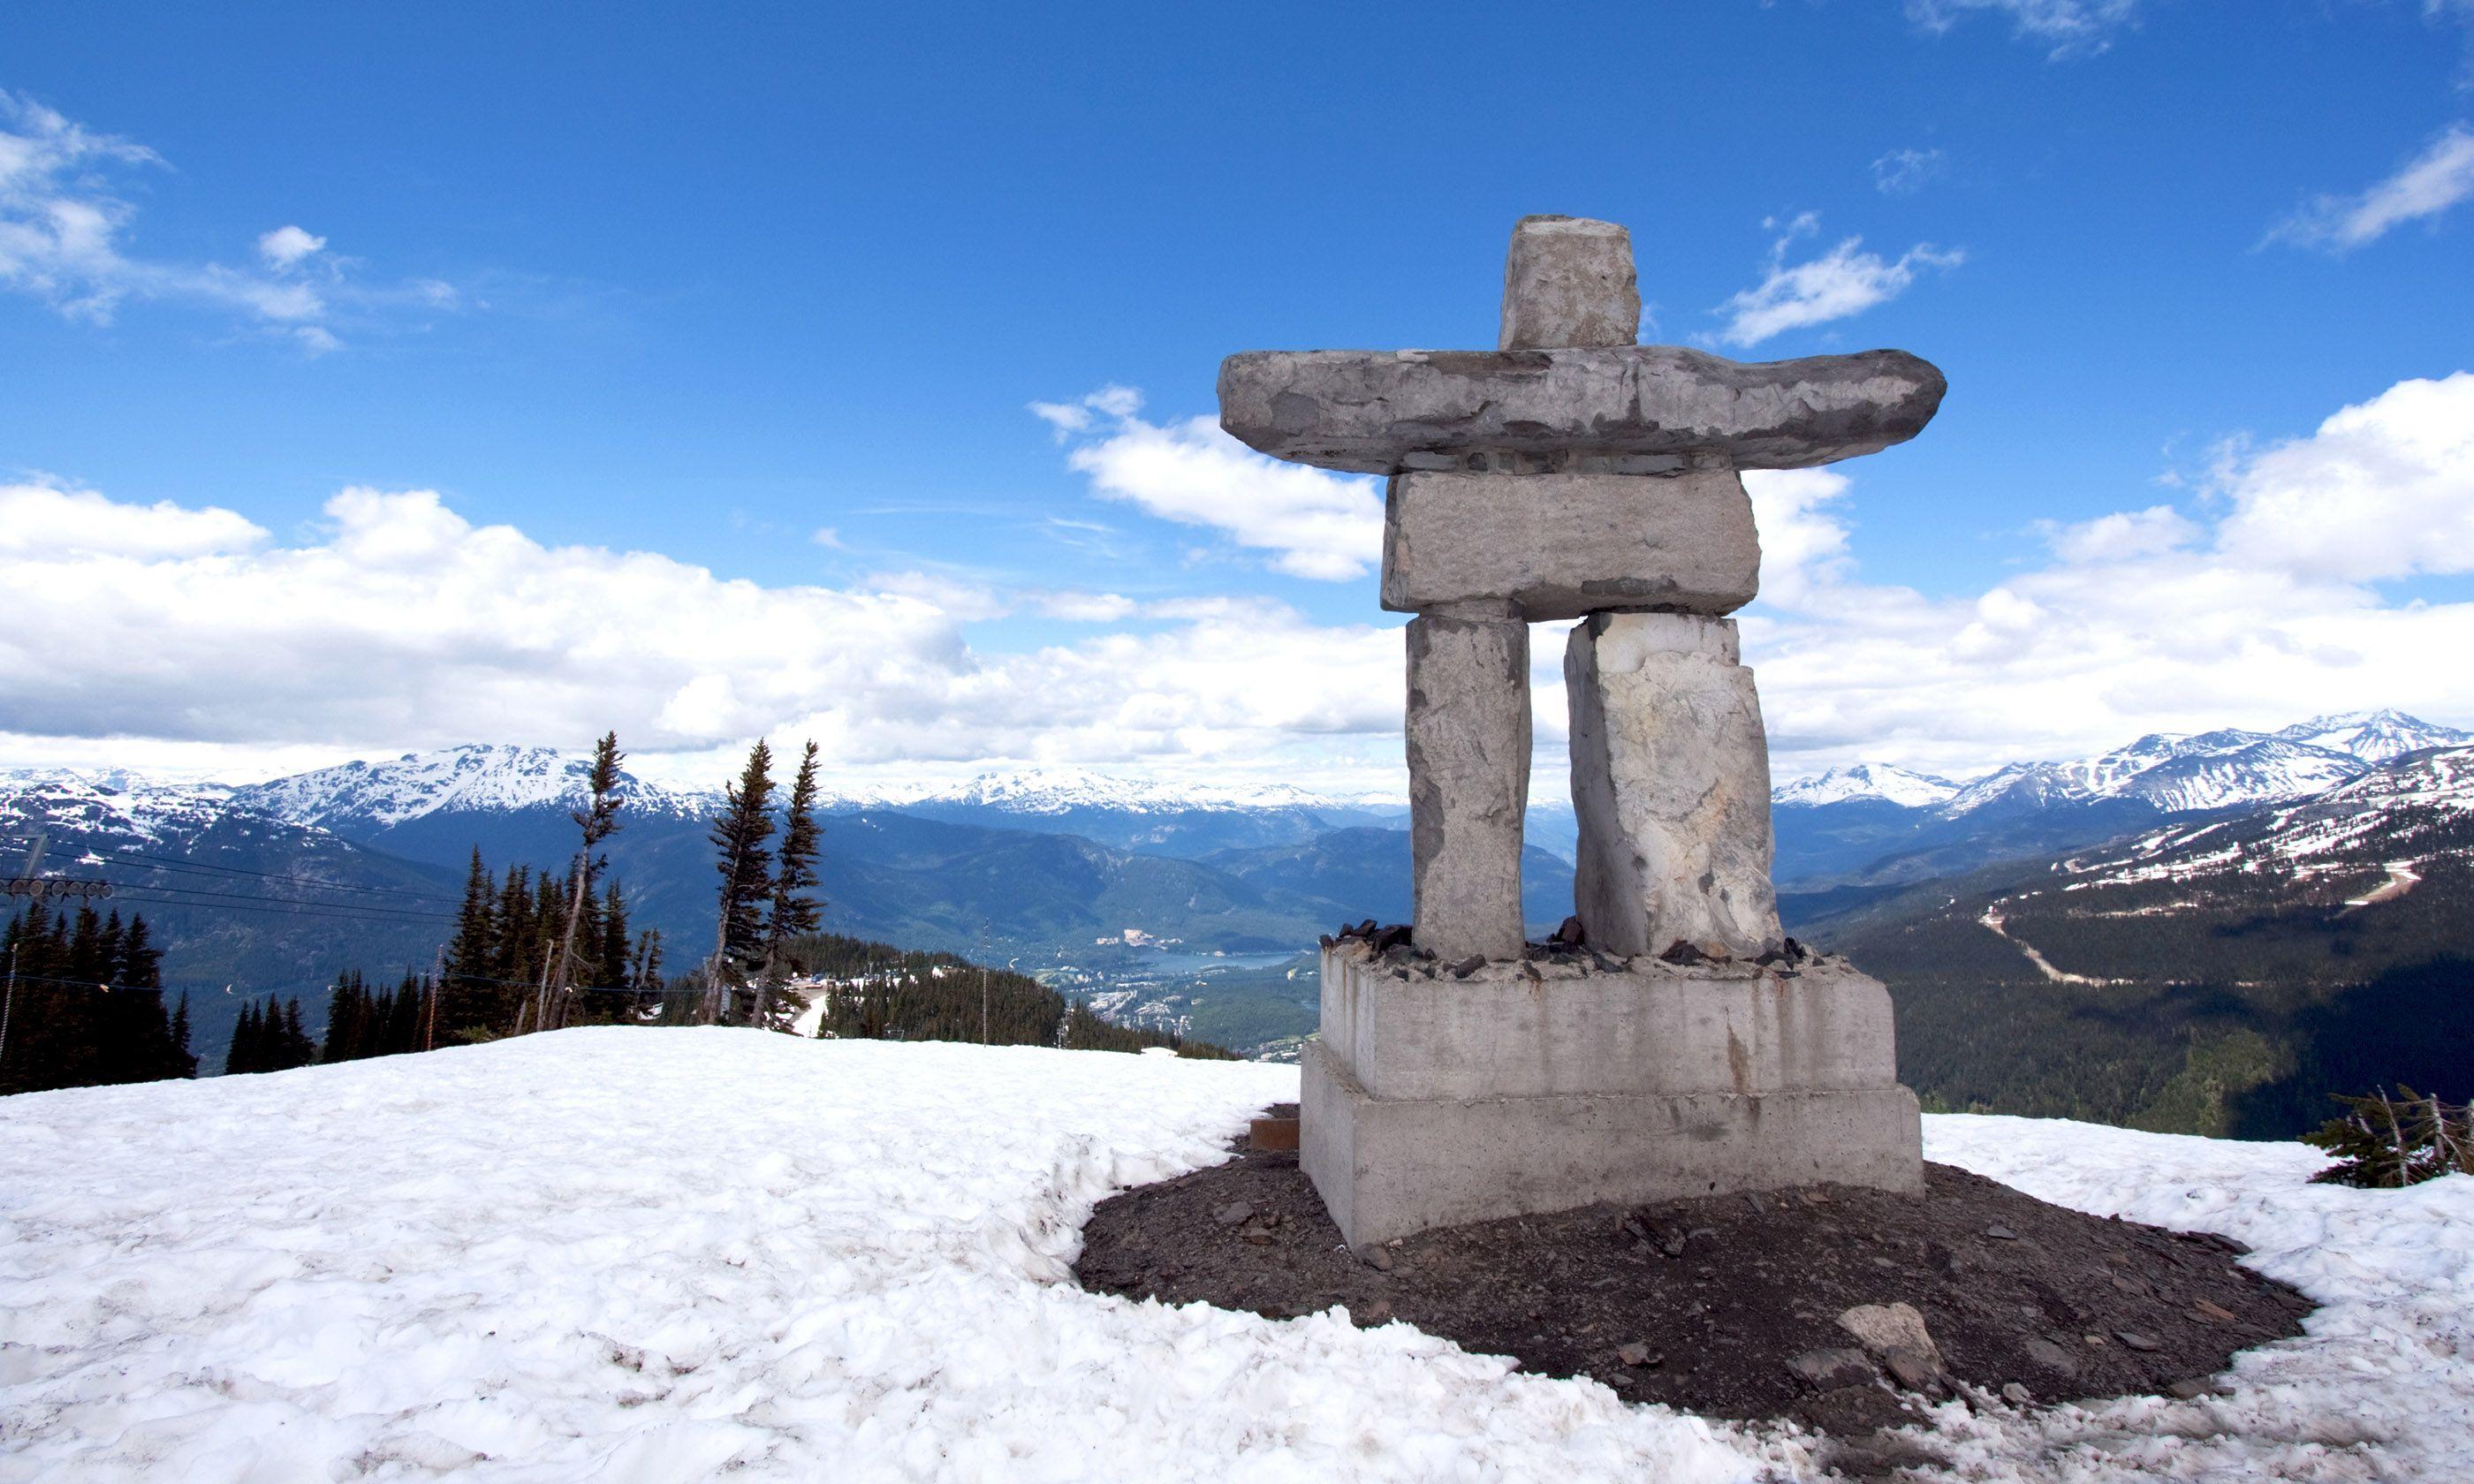 Inukshuk at the top of Whistler Peak (Shutterstock.com)